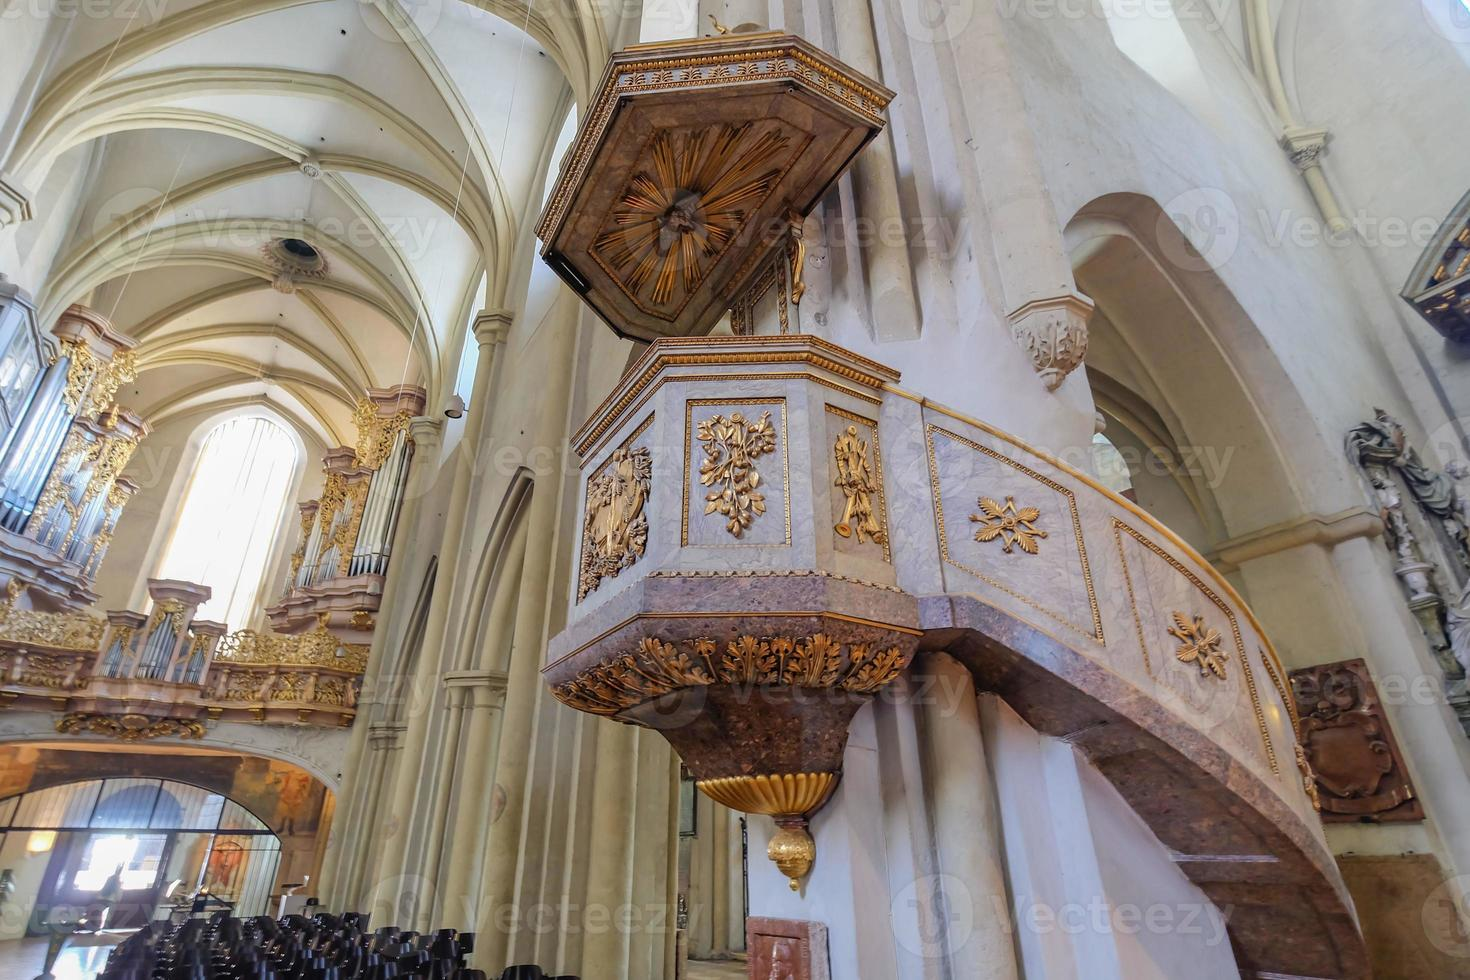 interieur van kerken in Wenen, Oostenrijk foto